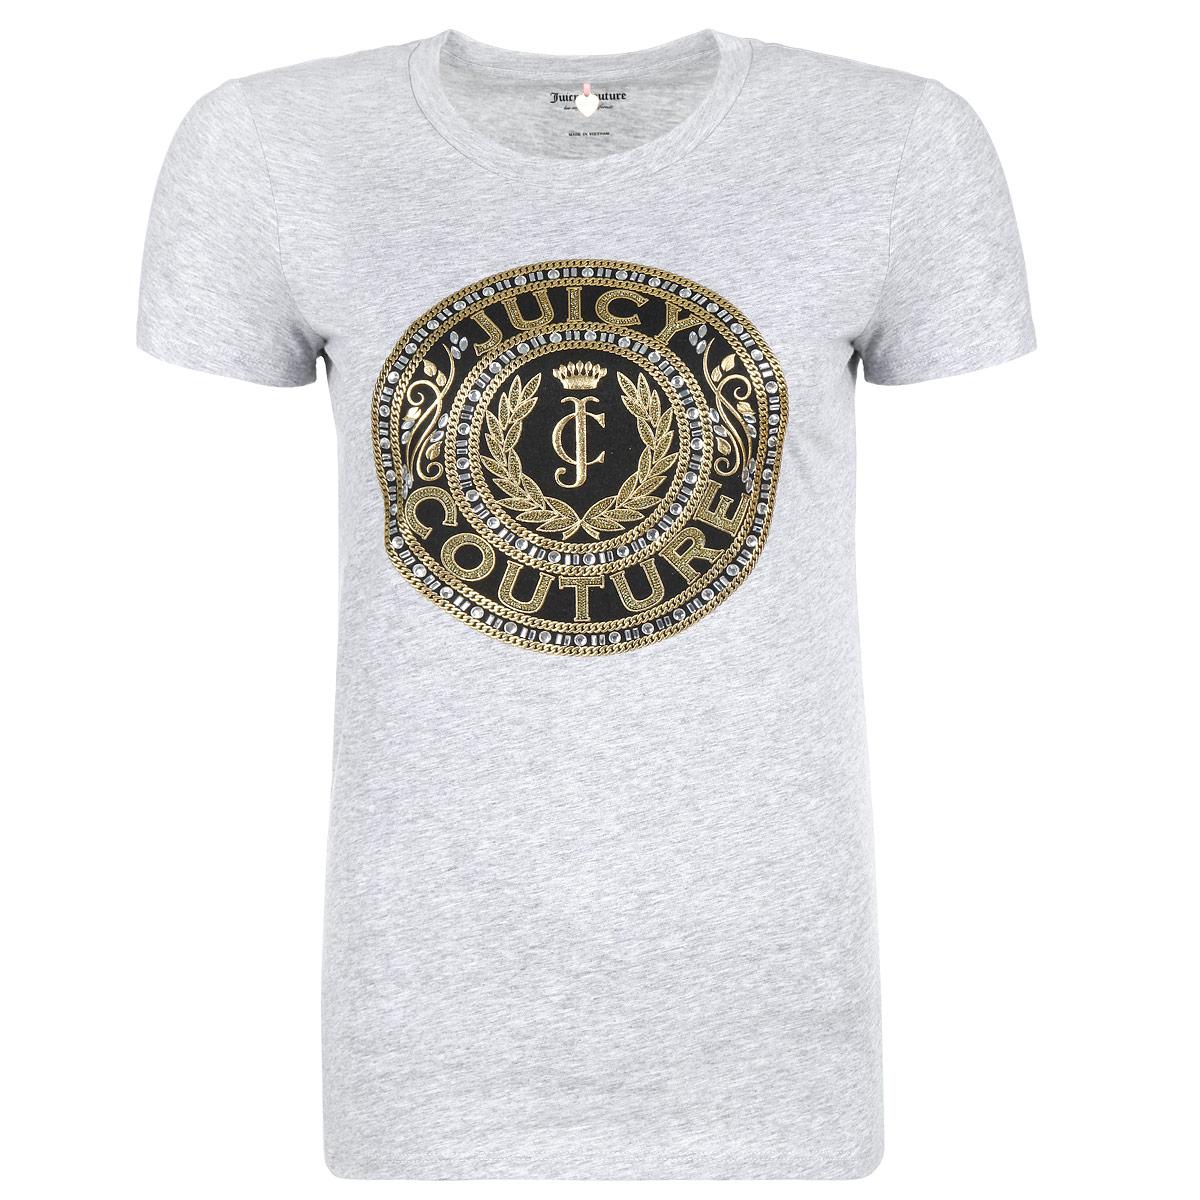 WTKT31342/049Стильная женская футболка Juicy Couture, выполненная из высококачественного хлопка, обладает высокой теплопроводностью, воздухопроницаемостью и гигроскопичностью, позволяет коже дышать. Модель с короткими рукавами и круглым вырезом - идеальный вариант для создания образа в стиле Casual. Футболка оформлена стильным дизайном в виде печати, украшенной золотистой вышивкой и стразами. Такая модель подарит вам комфорт в течение всего дня и послужит замечательным дополнением к вашему гардеробу.